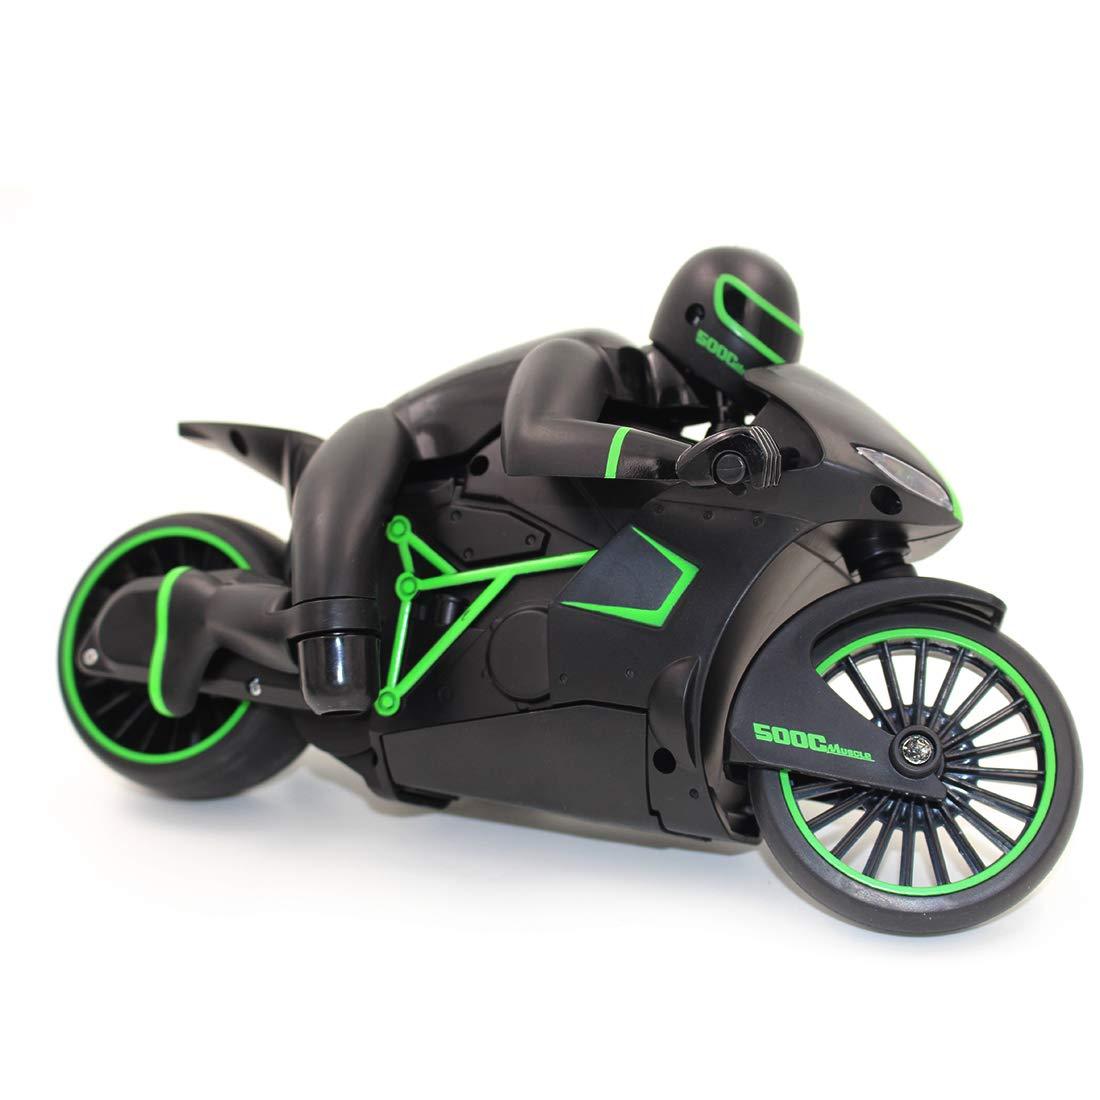 TETAKE Ferngesteuertes Motorrad 2 R/ädern 20 km//h High Speed Funkfernsteuerung Elektro Drift Motorr/äder f/ür Kinder und Erwachsene 4-Kanal RC Auto mit 2,4 GHz Fernbedienung